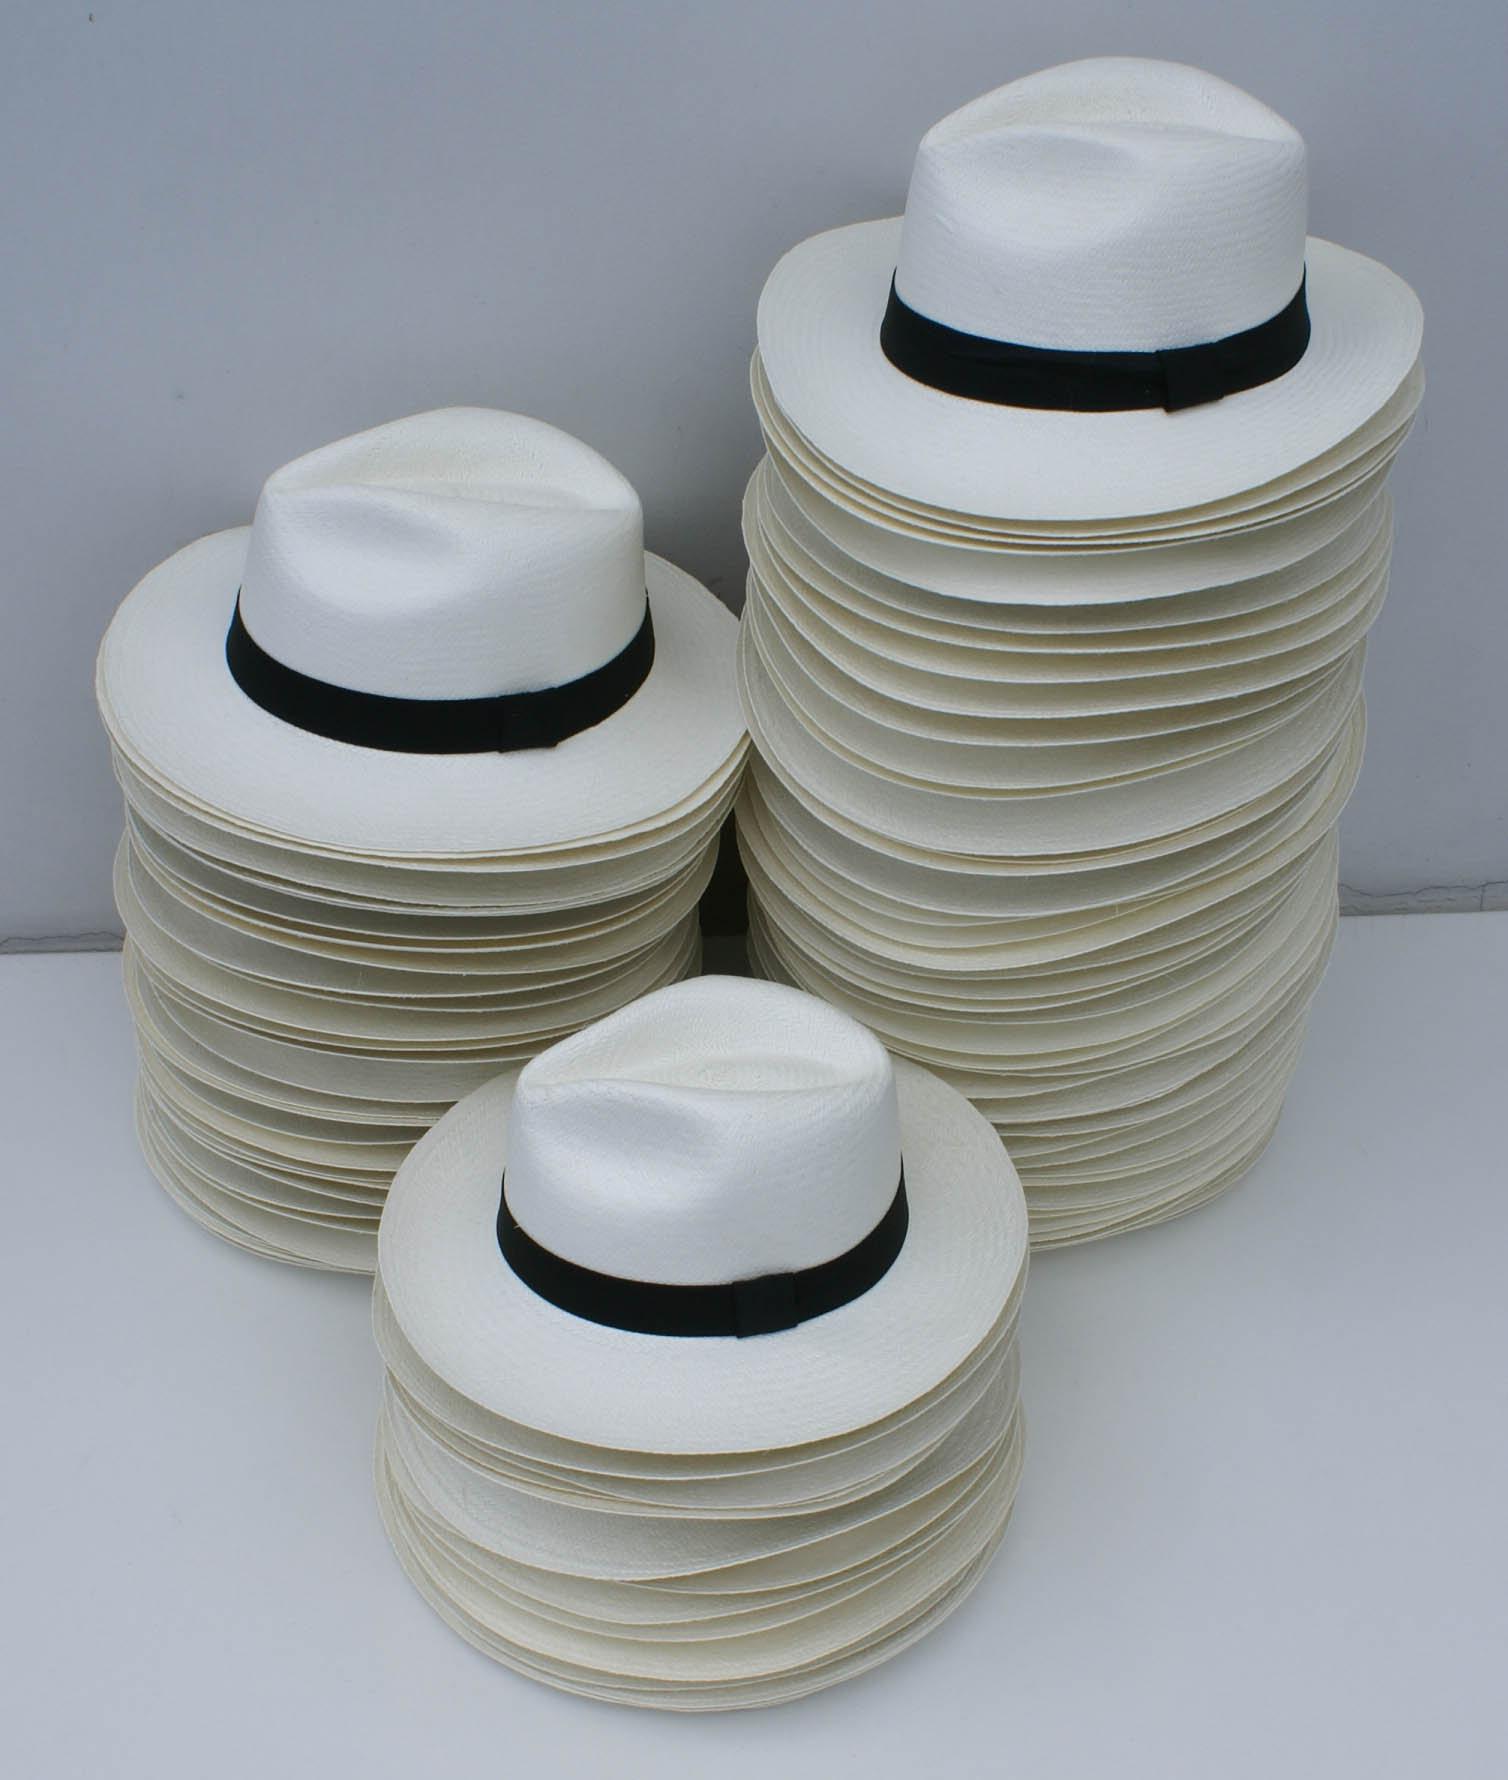 2b78c96d3d38b Venta de Los Sombreros de Paja Toquilla Panamahat Originales al Por Mayor